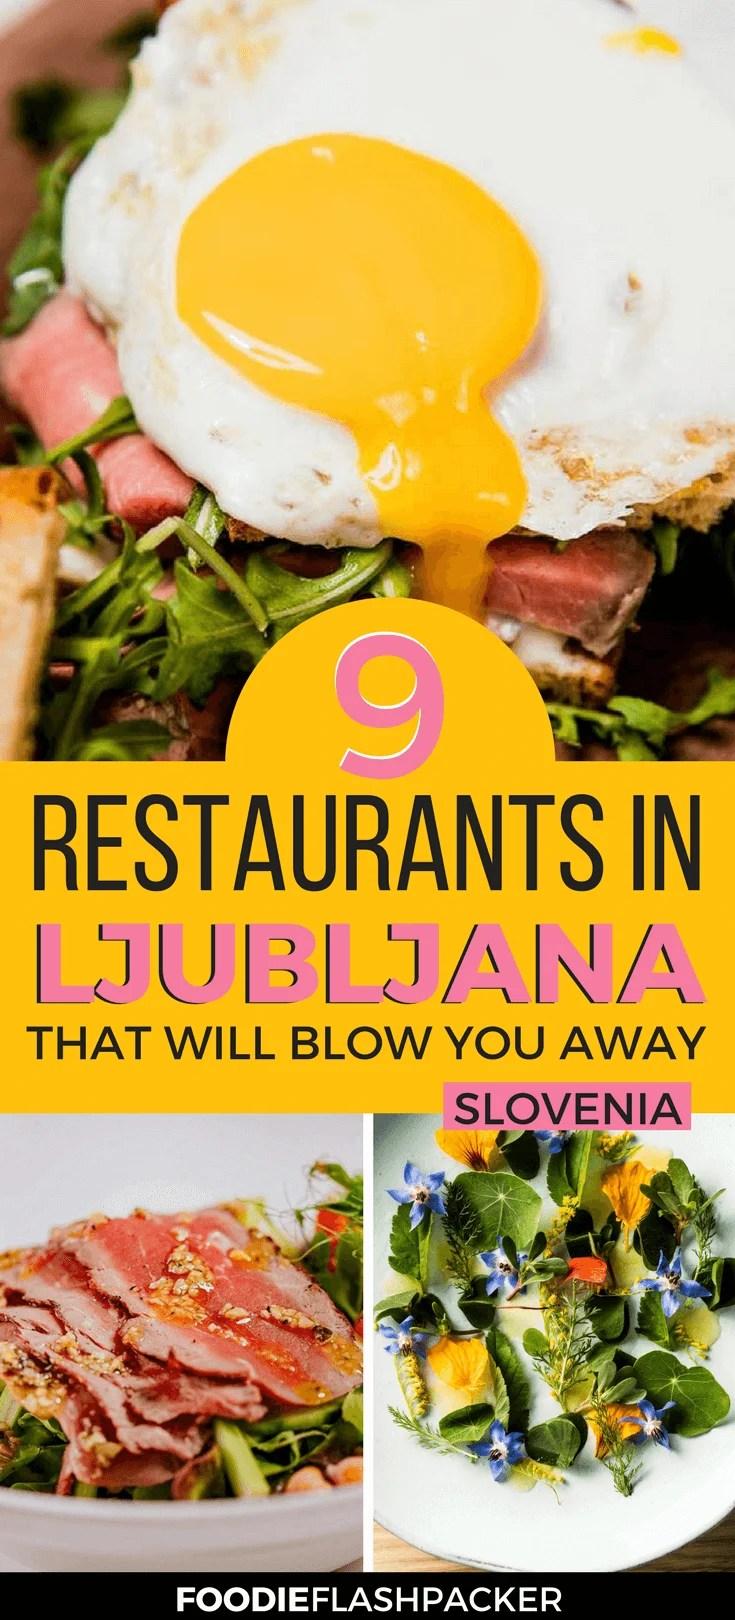 Where to Eat in Ljubljana, Slovenia - The Best Ljubljana Restaurants